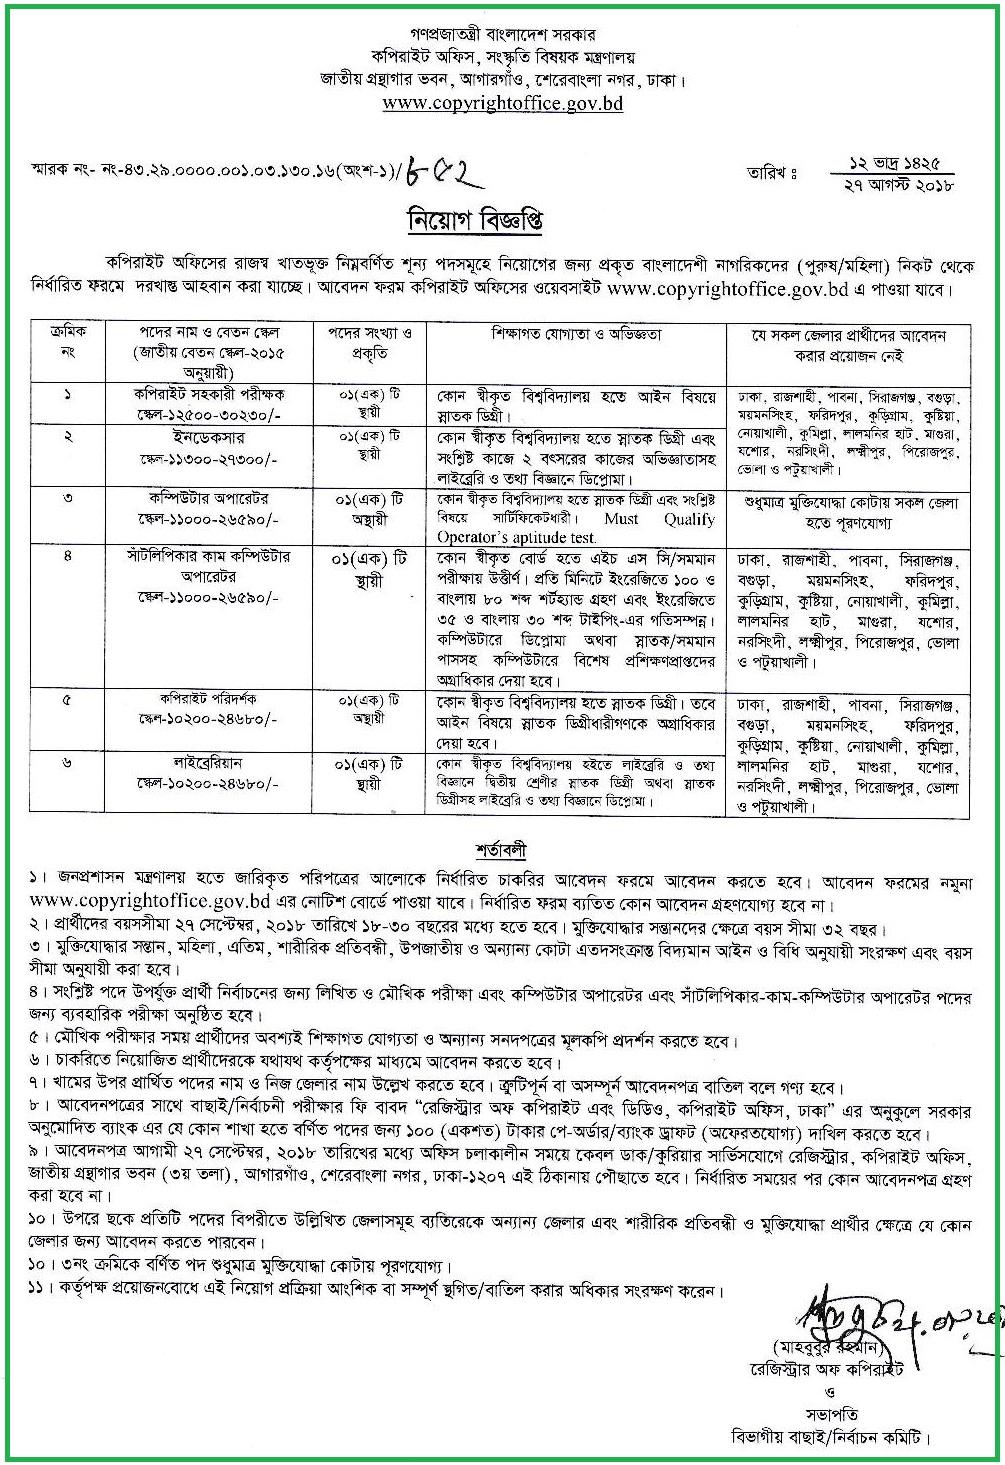 Bangladesh Copyright Office Job Circular 2020